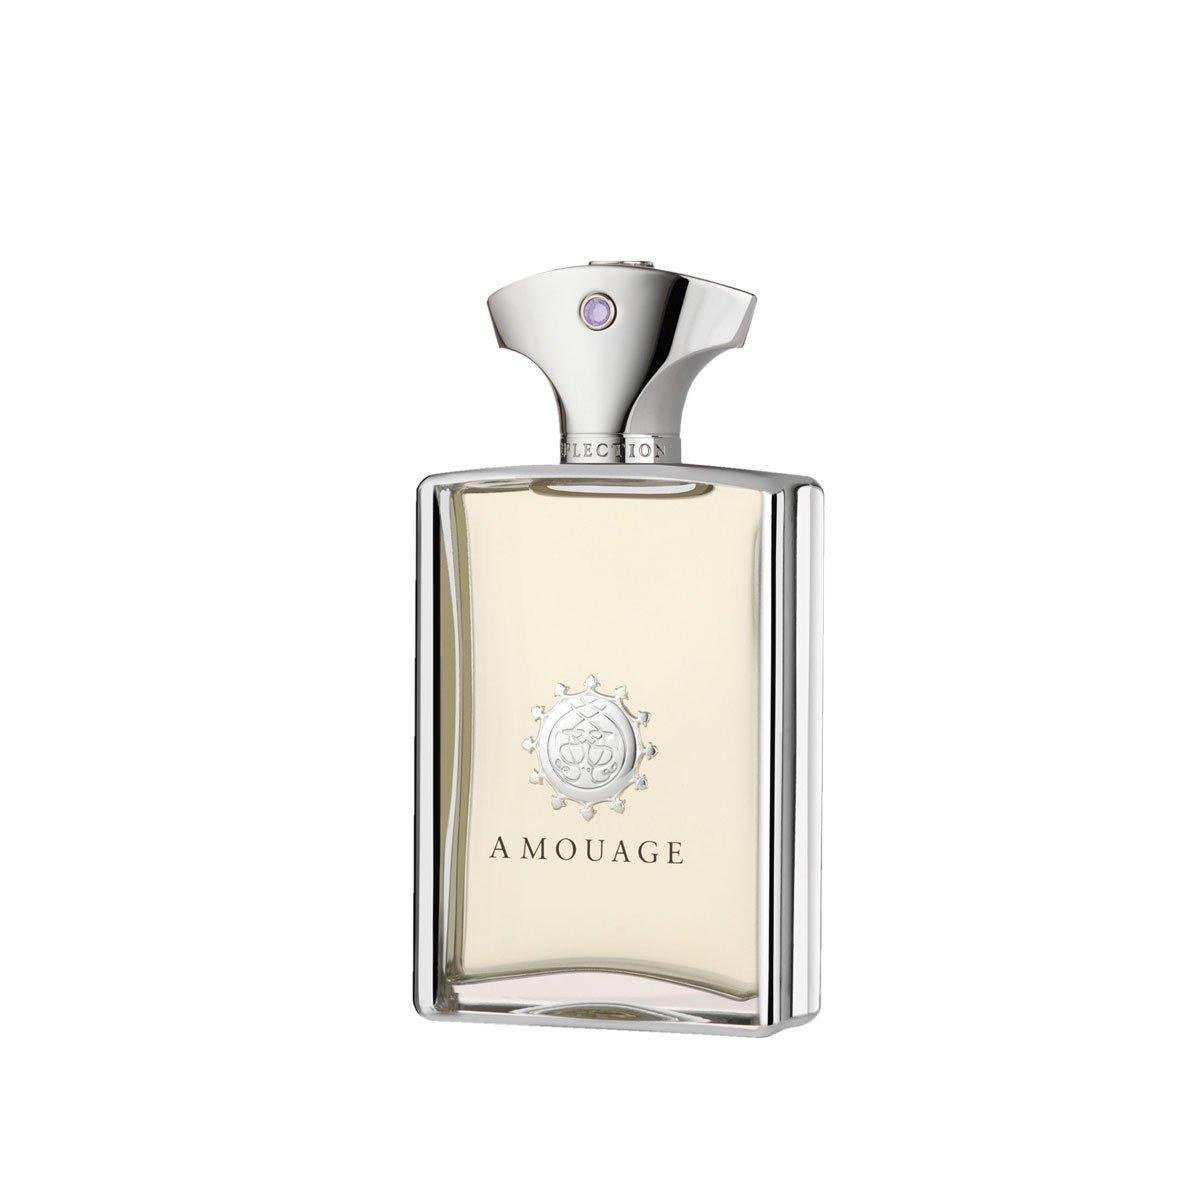 AMOUAGE Reflection Man, Eau de Parfum Spray, 1.7 oz.